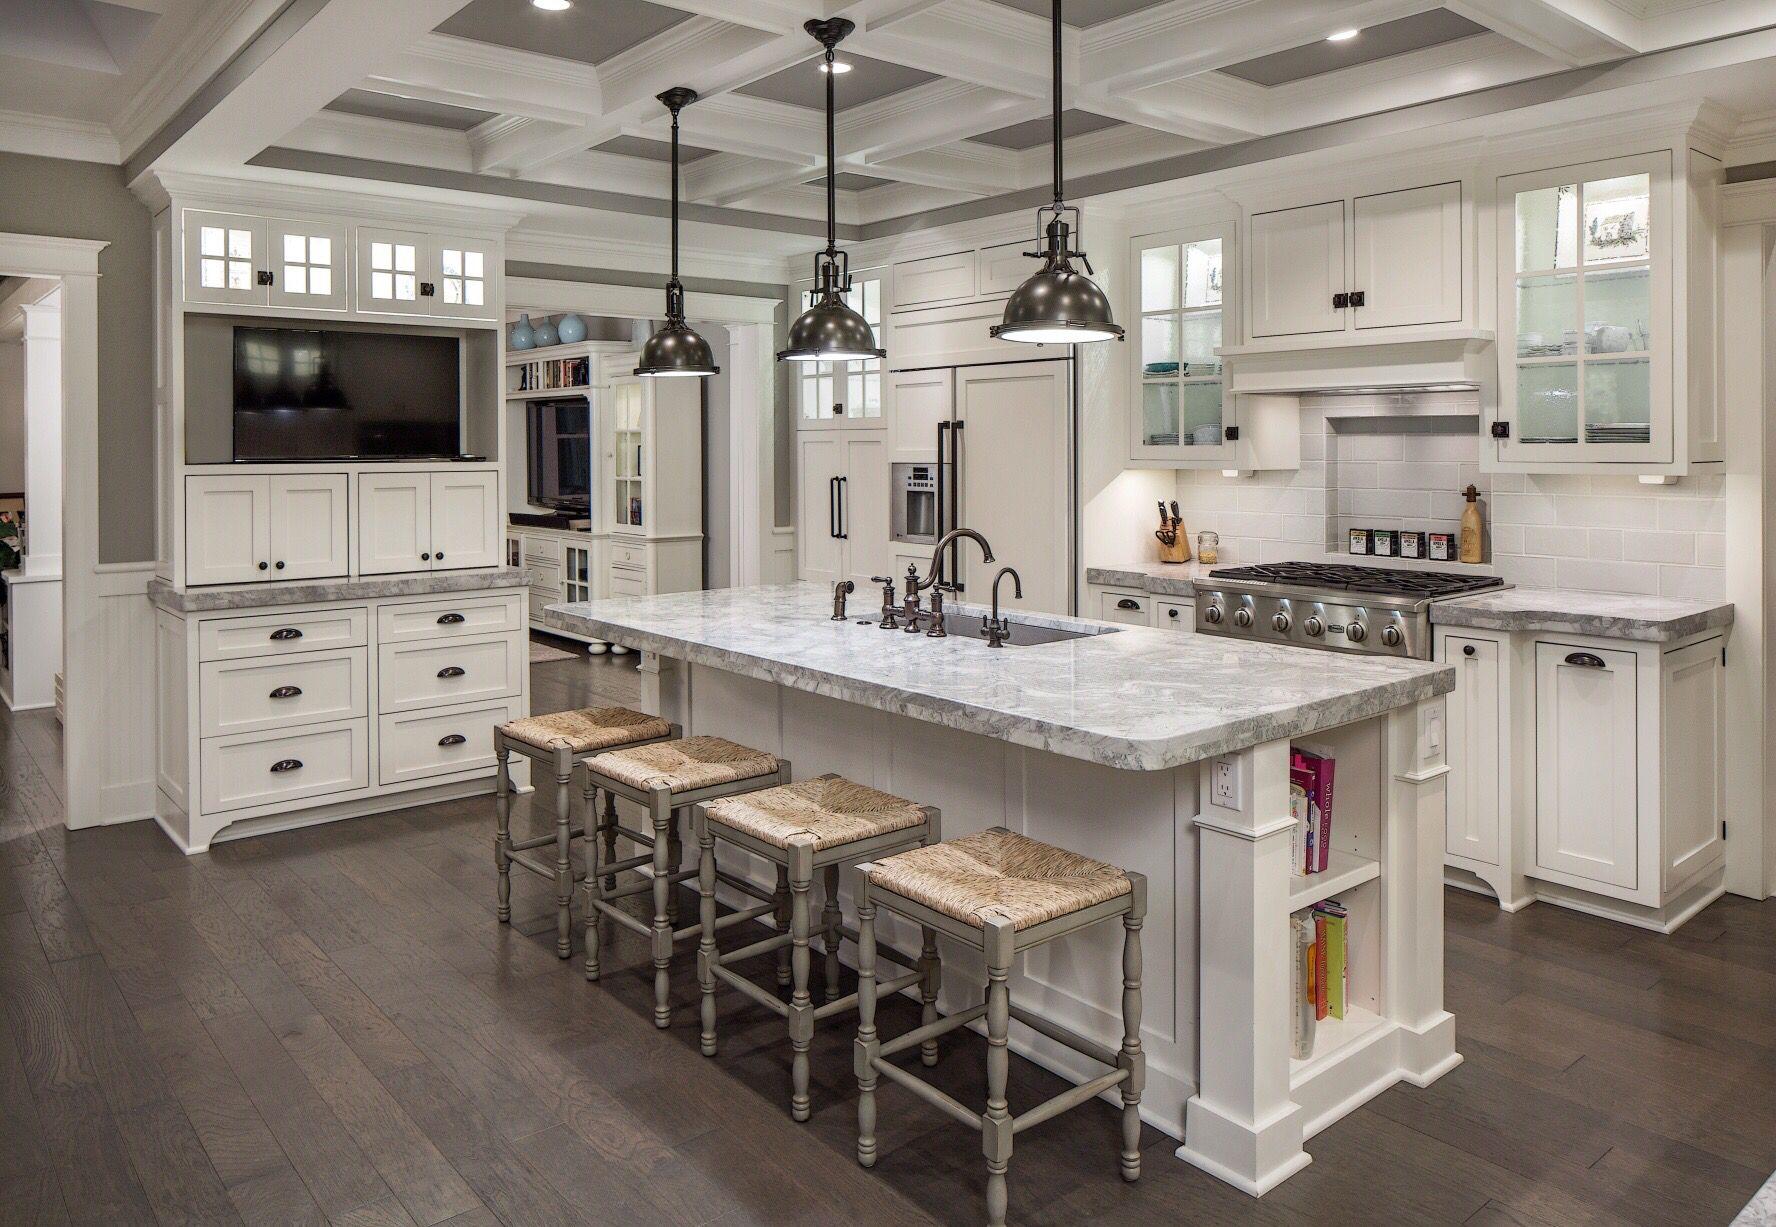 Modern Farmhouse Idea For Butlers Pantry Farmhouse Kitchen